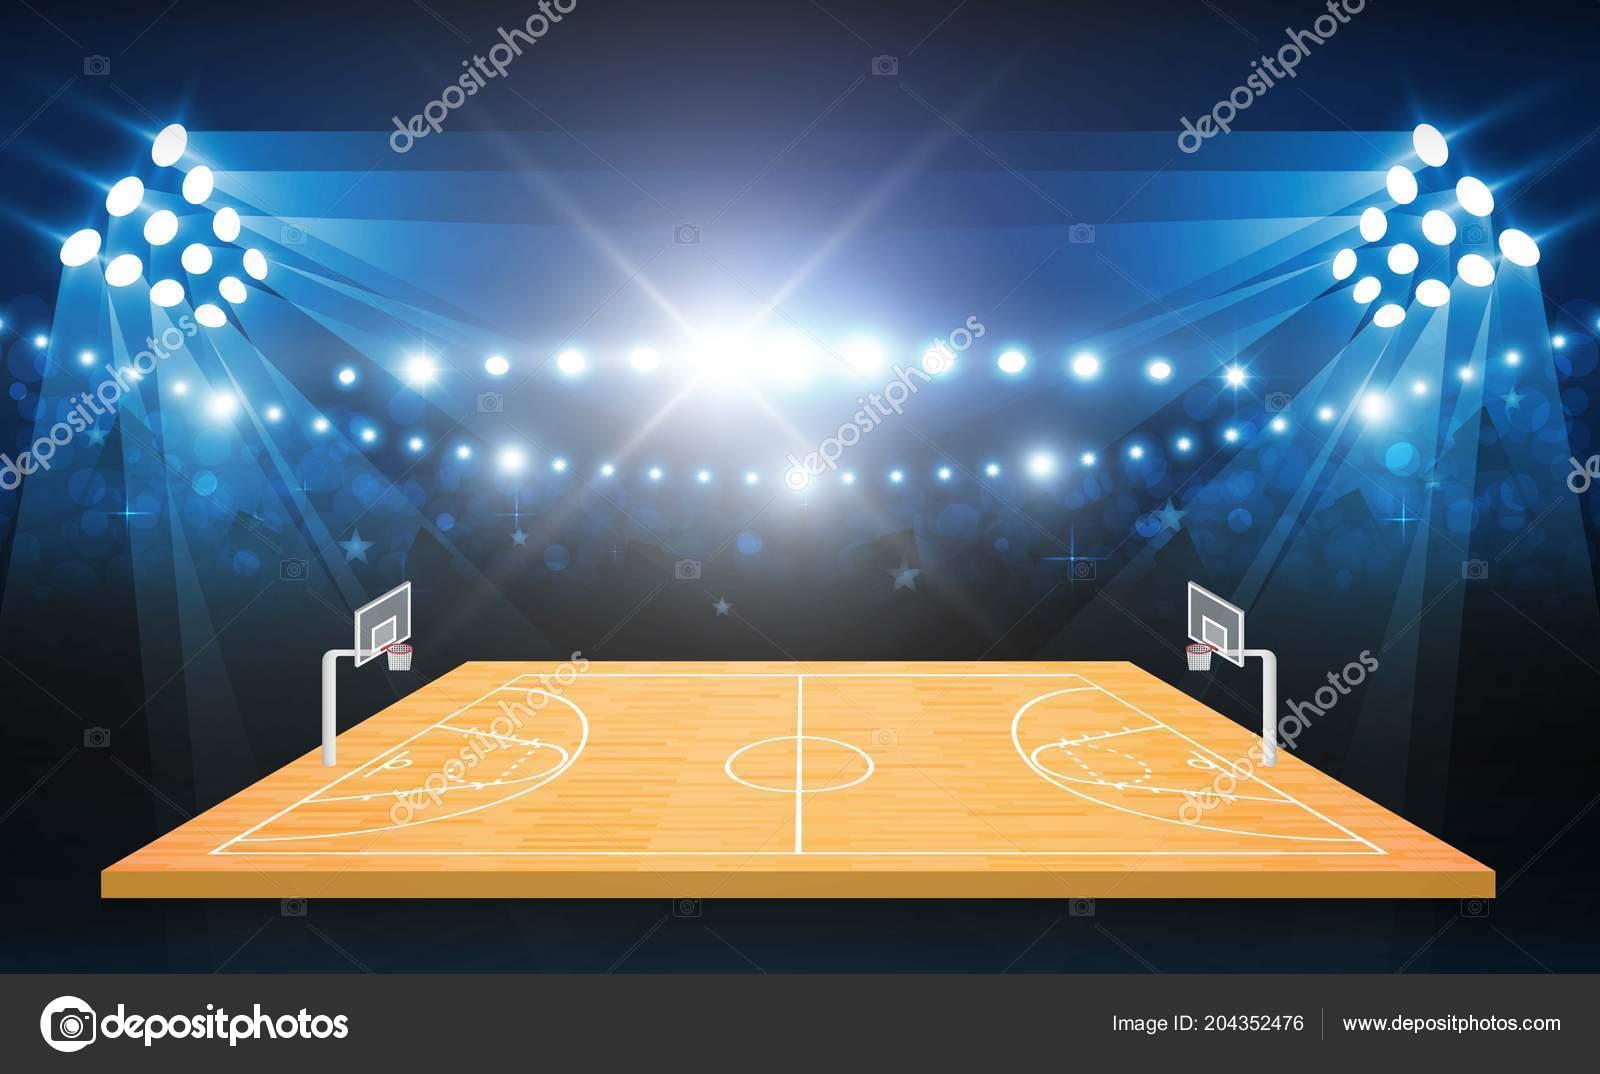 Campi da tennis in valtellina valtellina sport